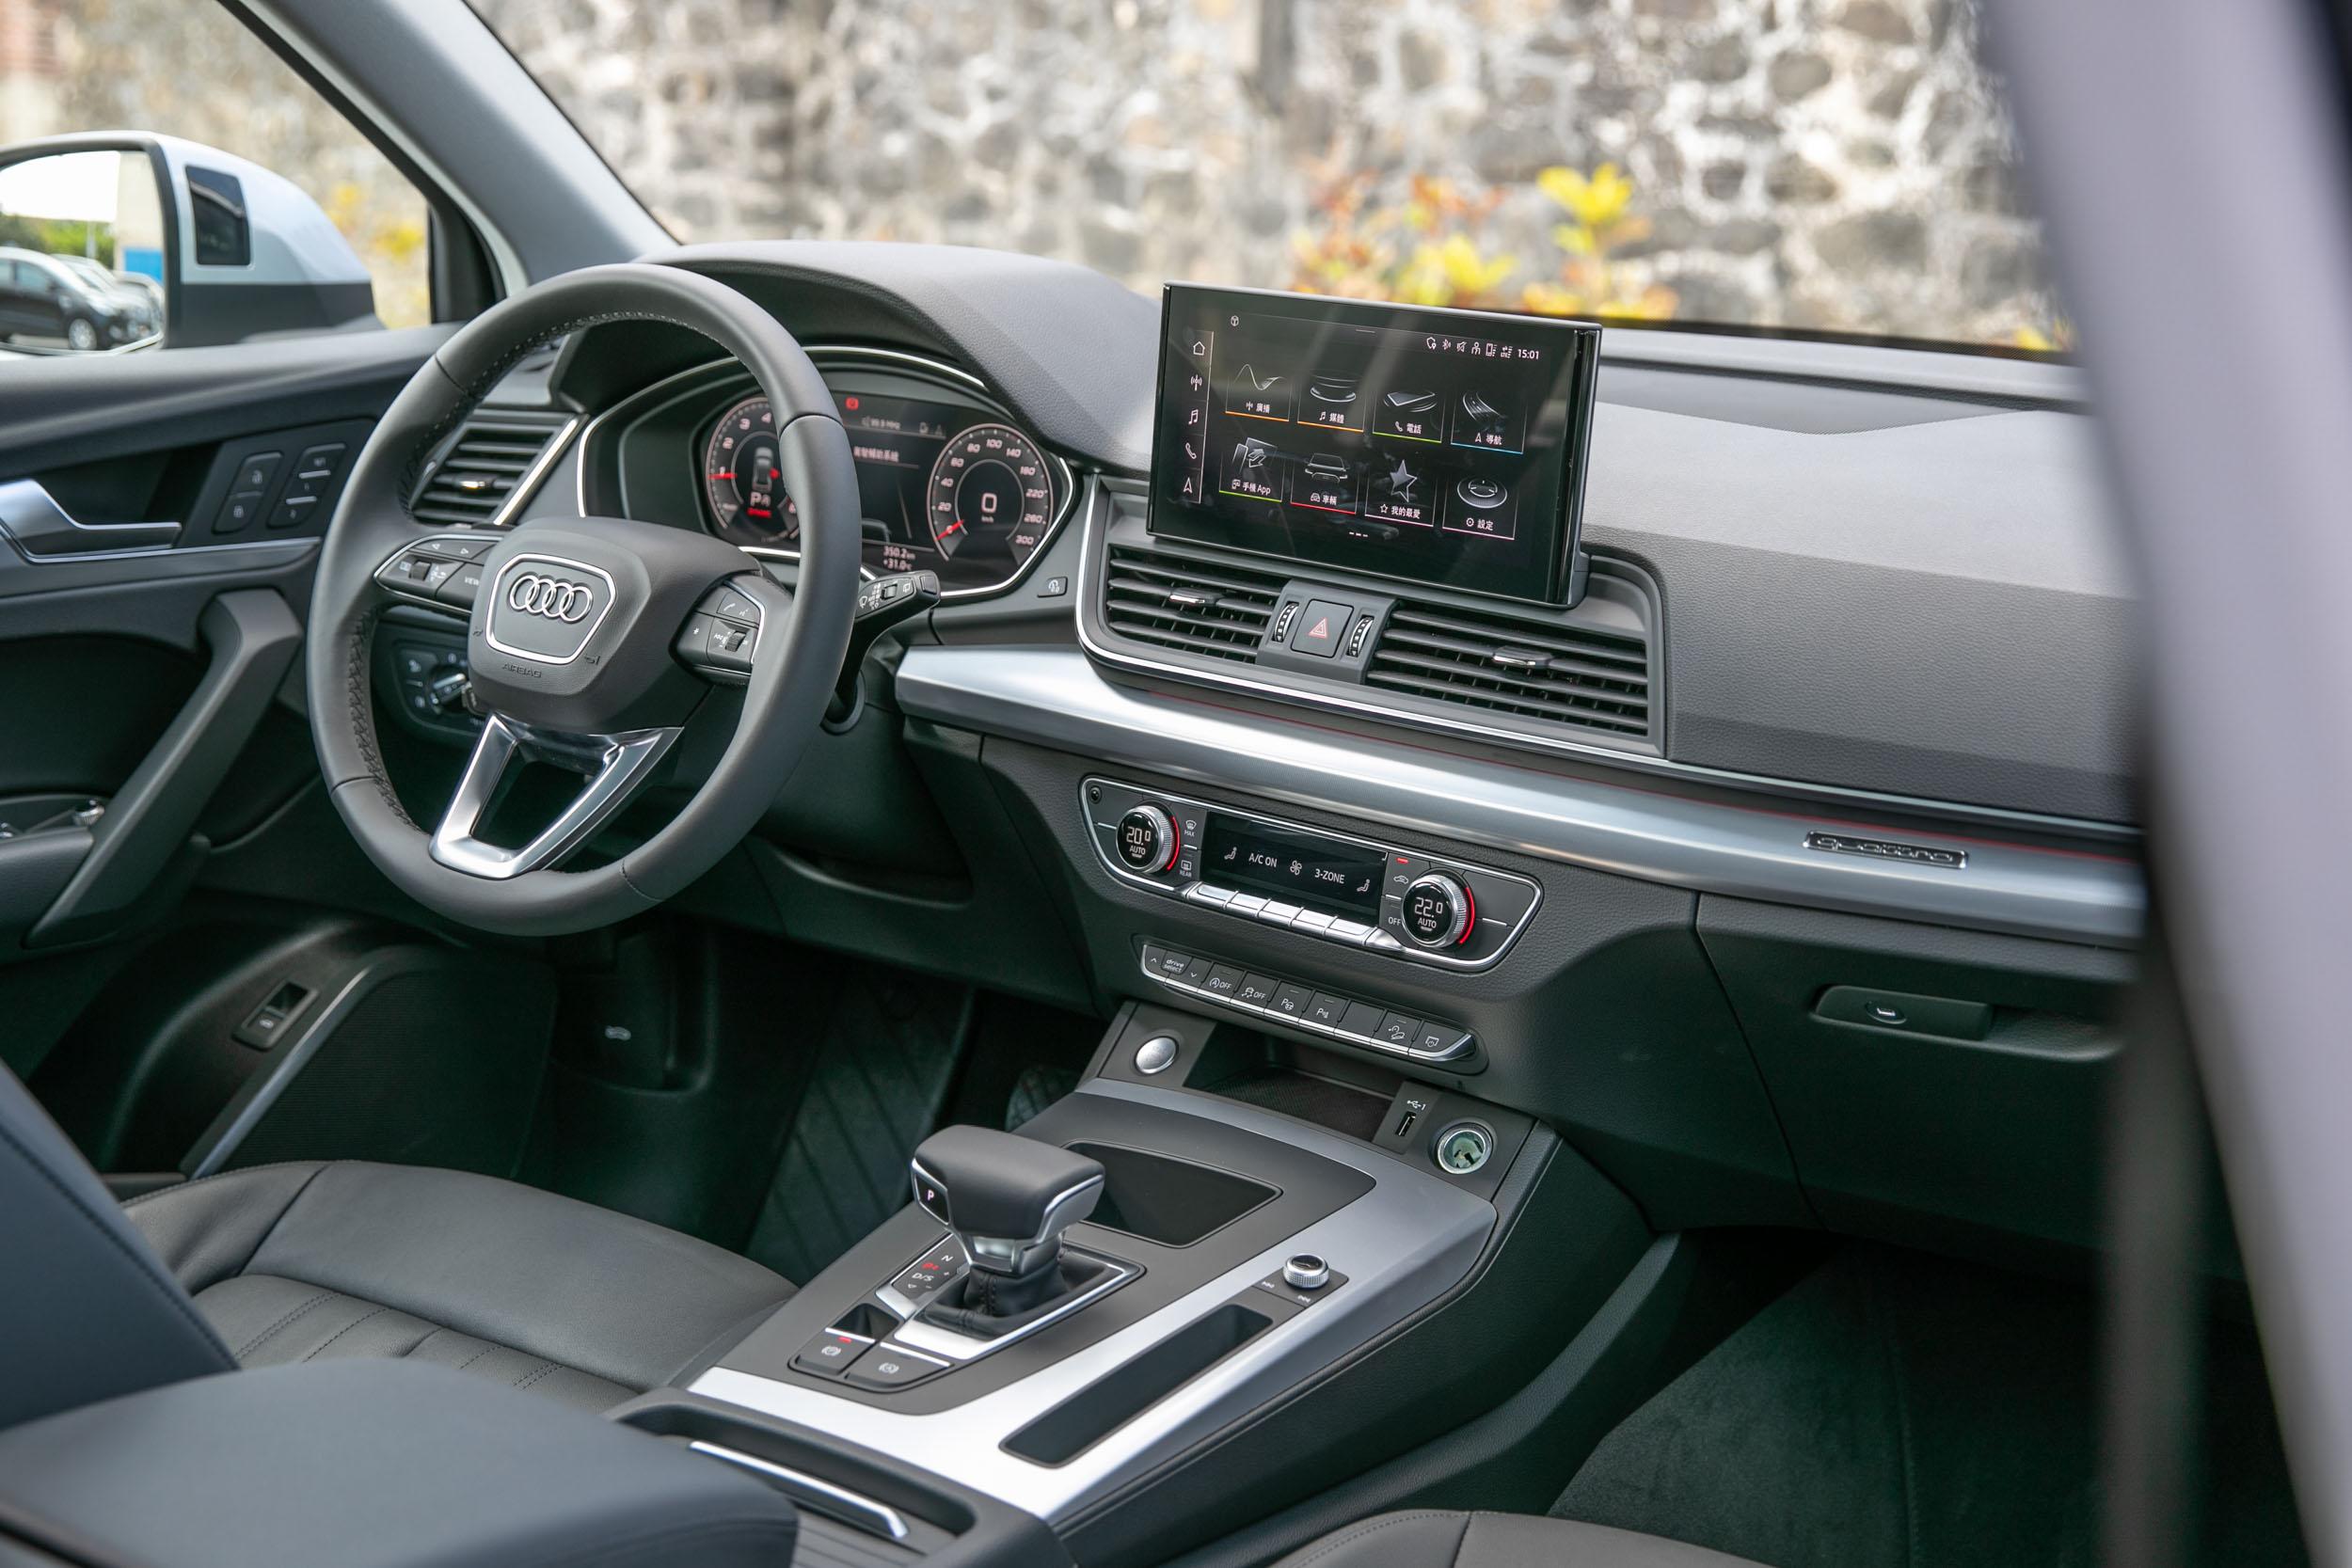 座艙內主要針對細節配備的升級。